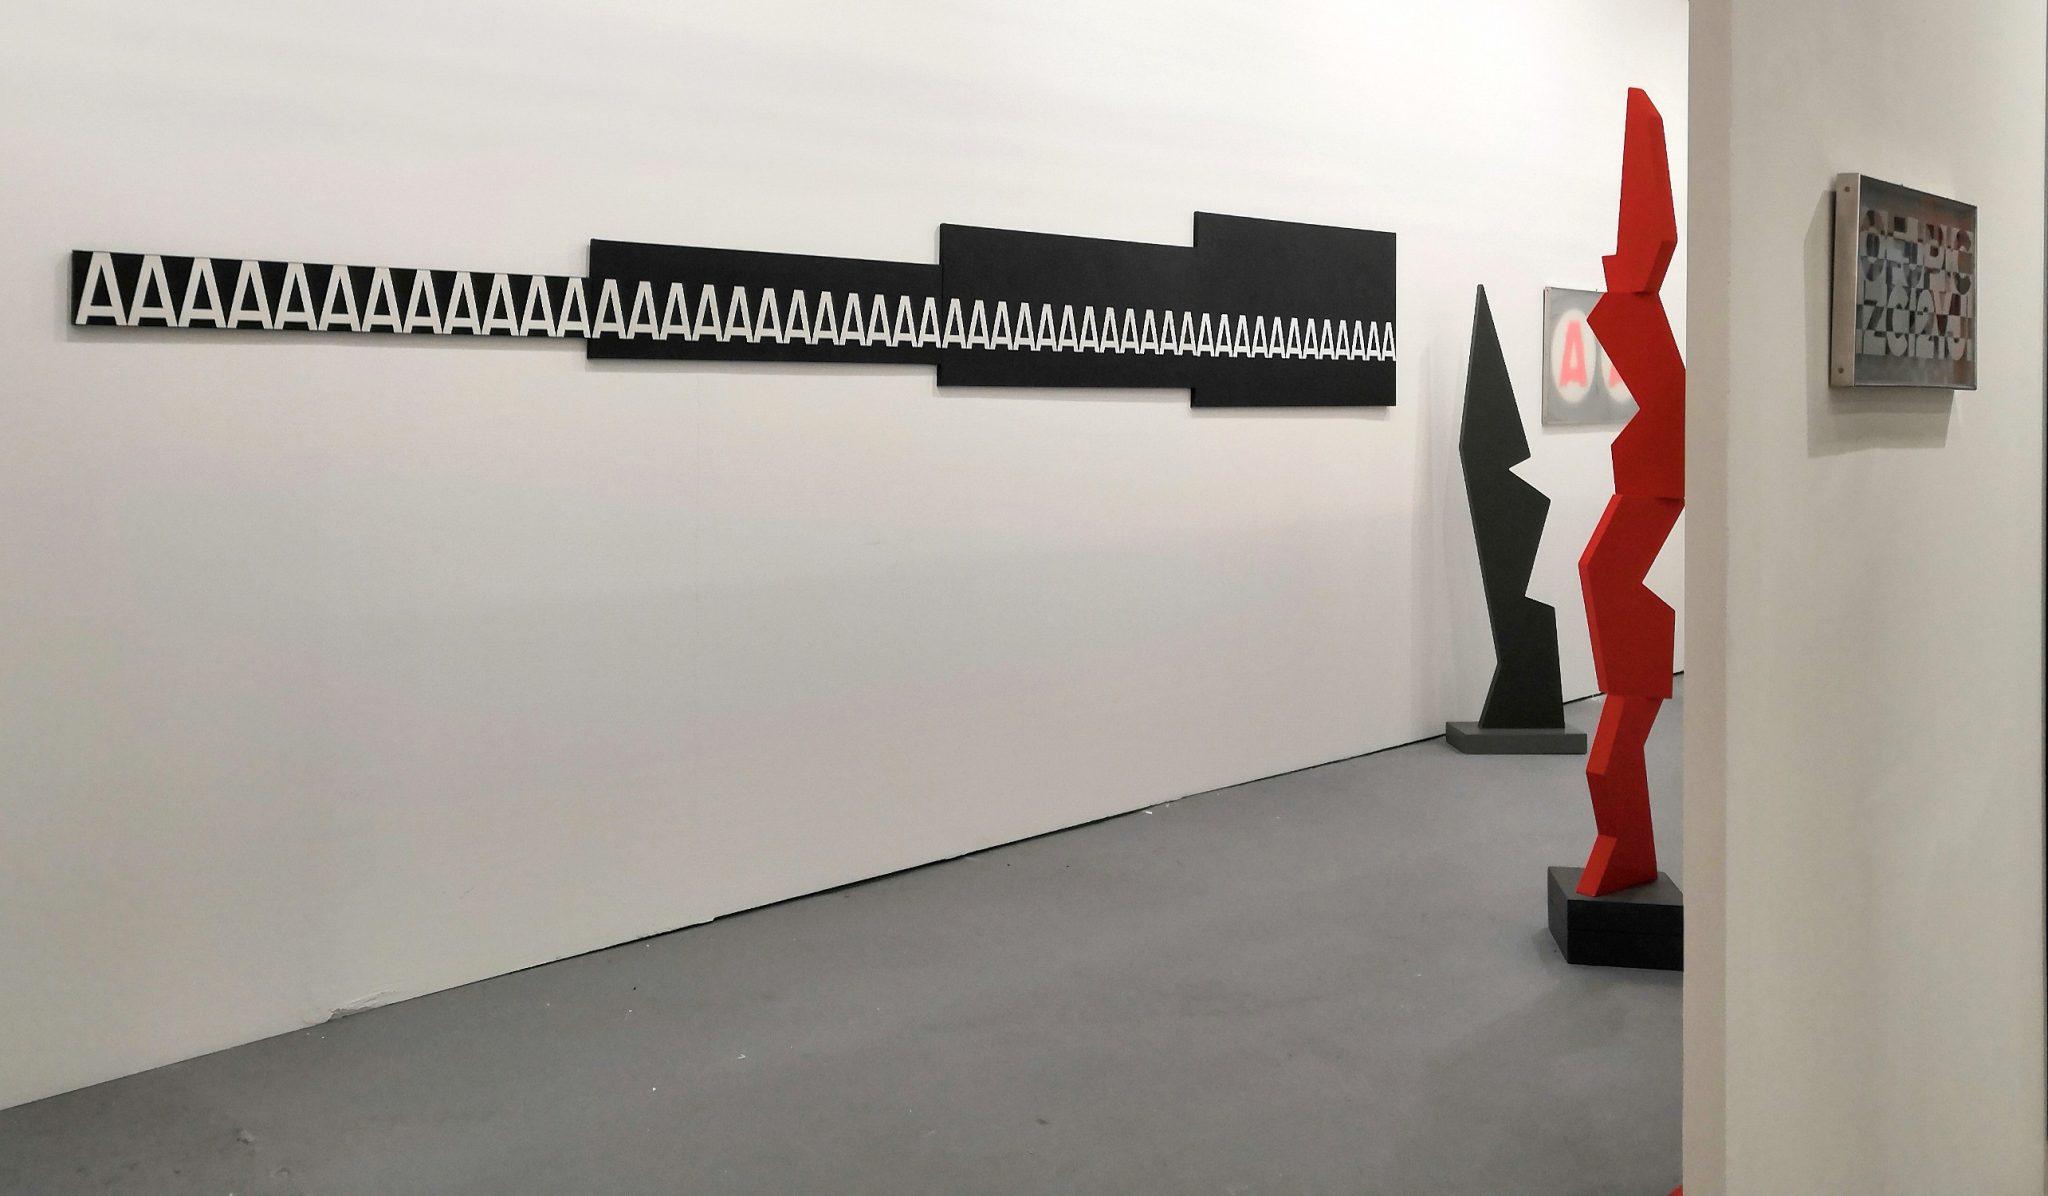 ArteFiera 2019 | 2 vedute sullo stand dedicato a Renato Spagnoli | courtesy Gian Marco Casini Gallery, Livorno